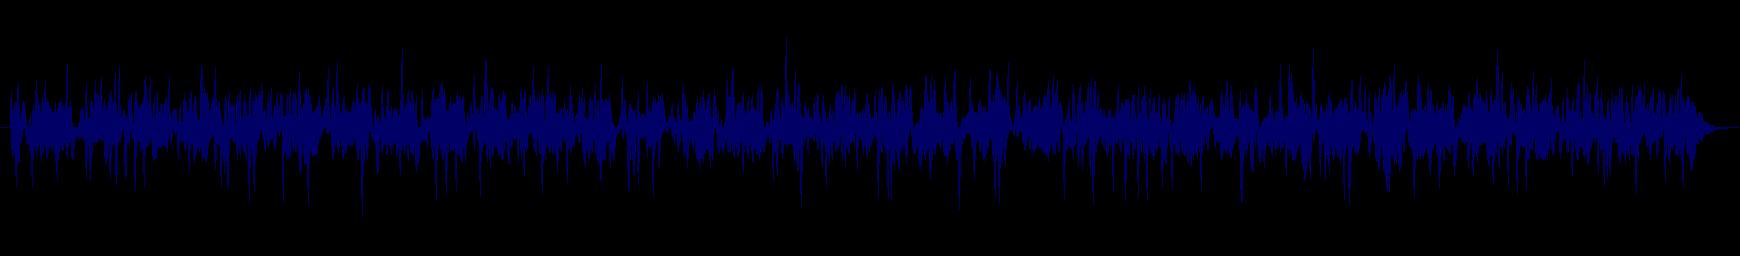 waveform of track #100054